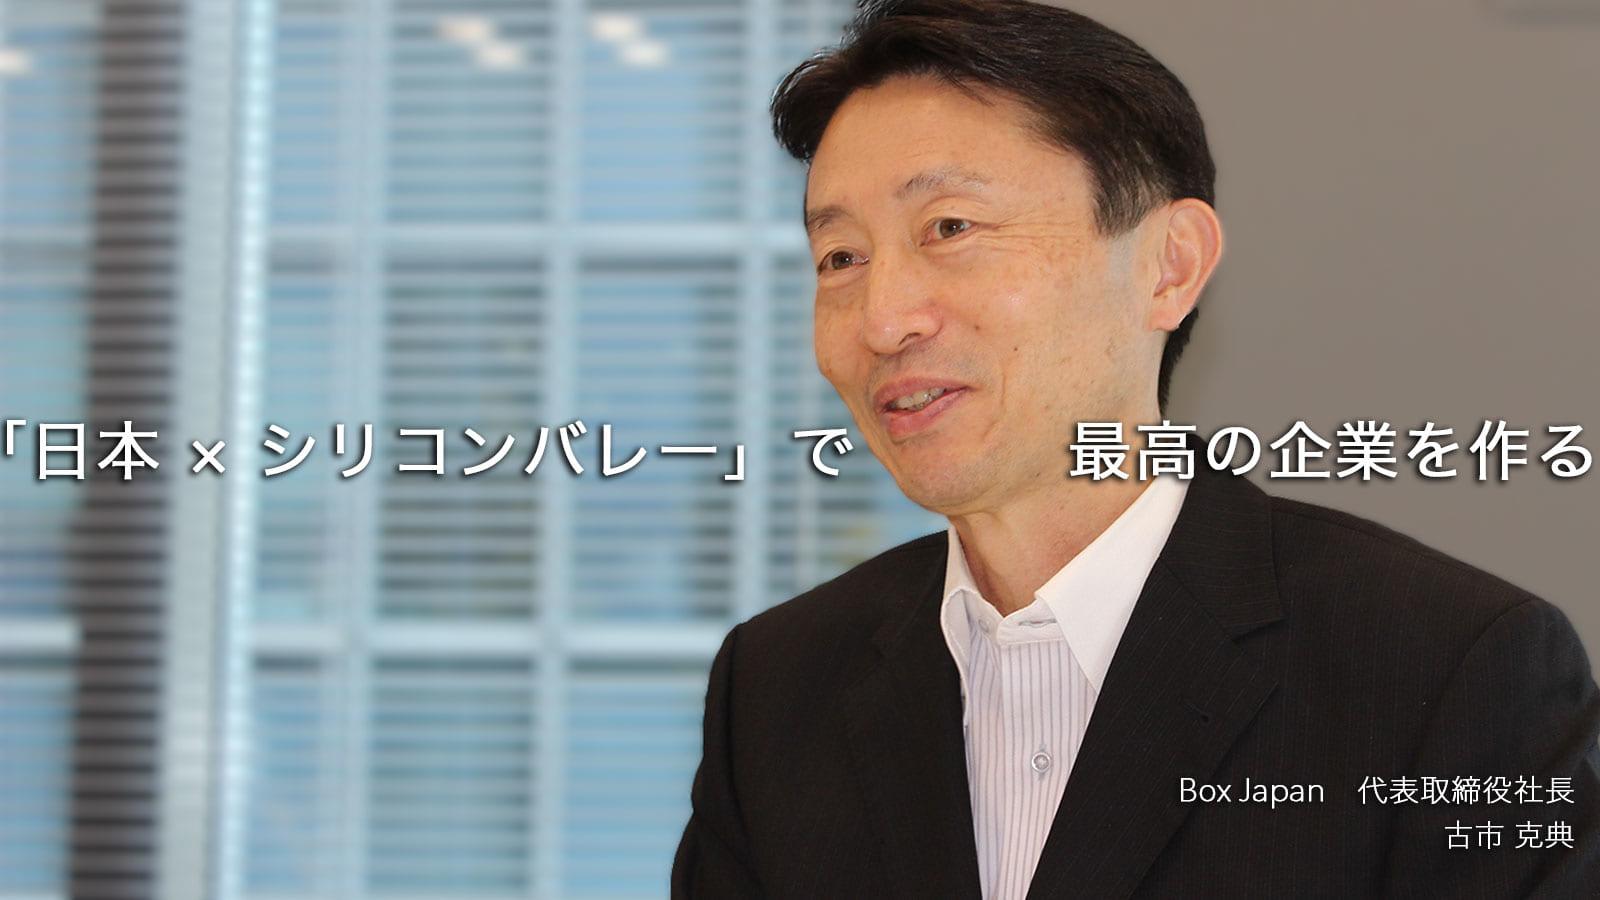 目指すはシリコンバレー企業と日本企業のいいとこ取り。Box Japanが日本市場に馴染んだ理由